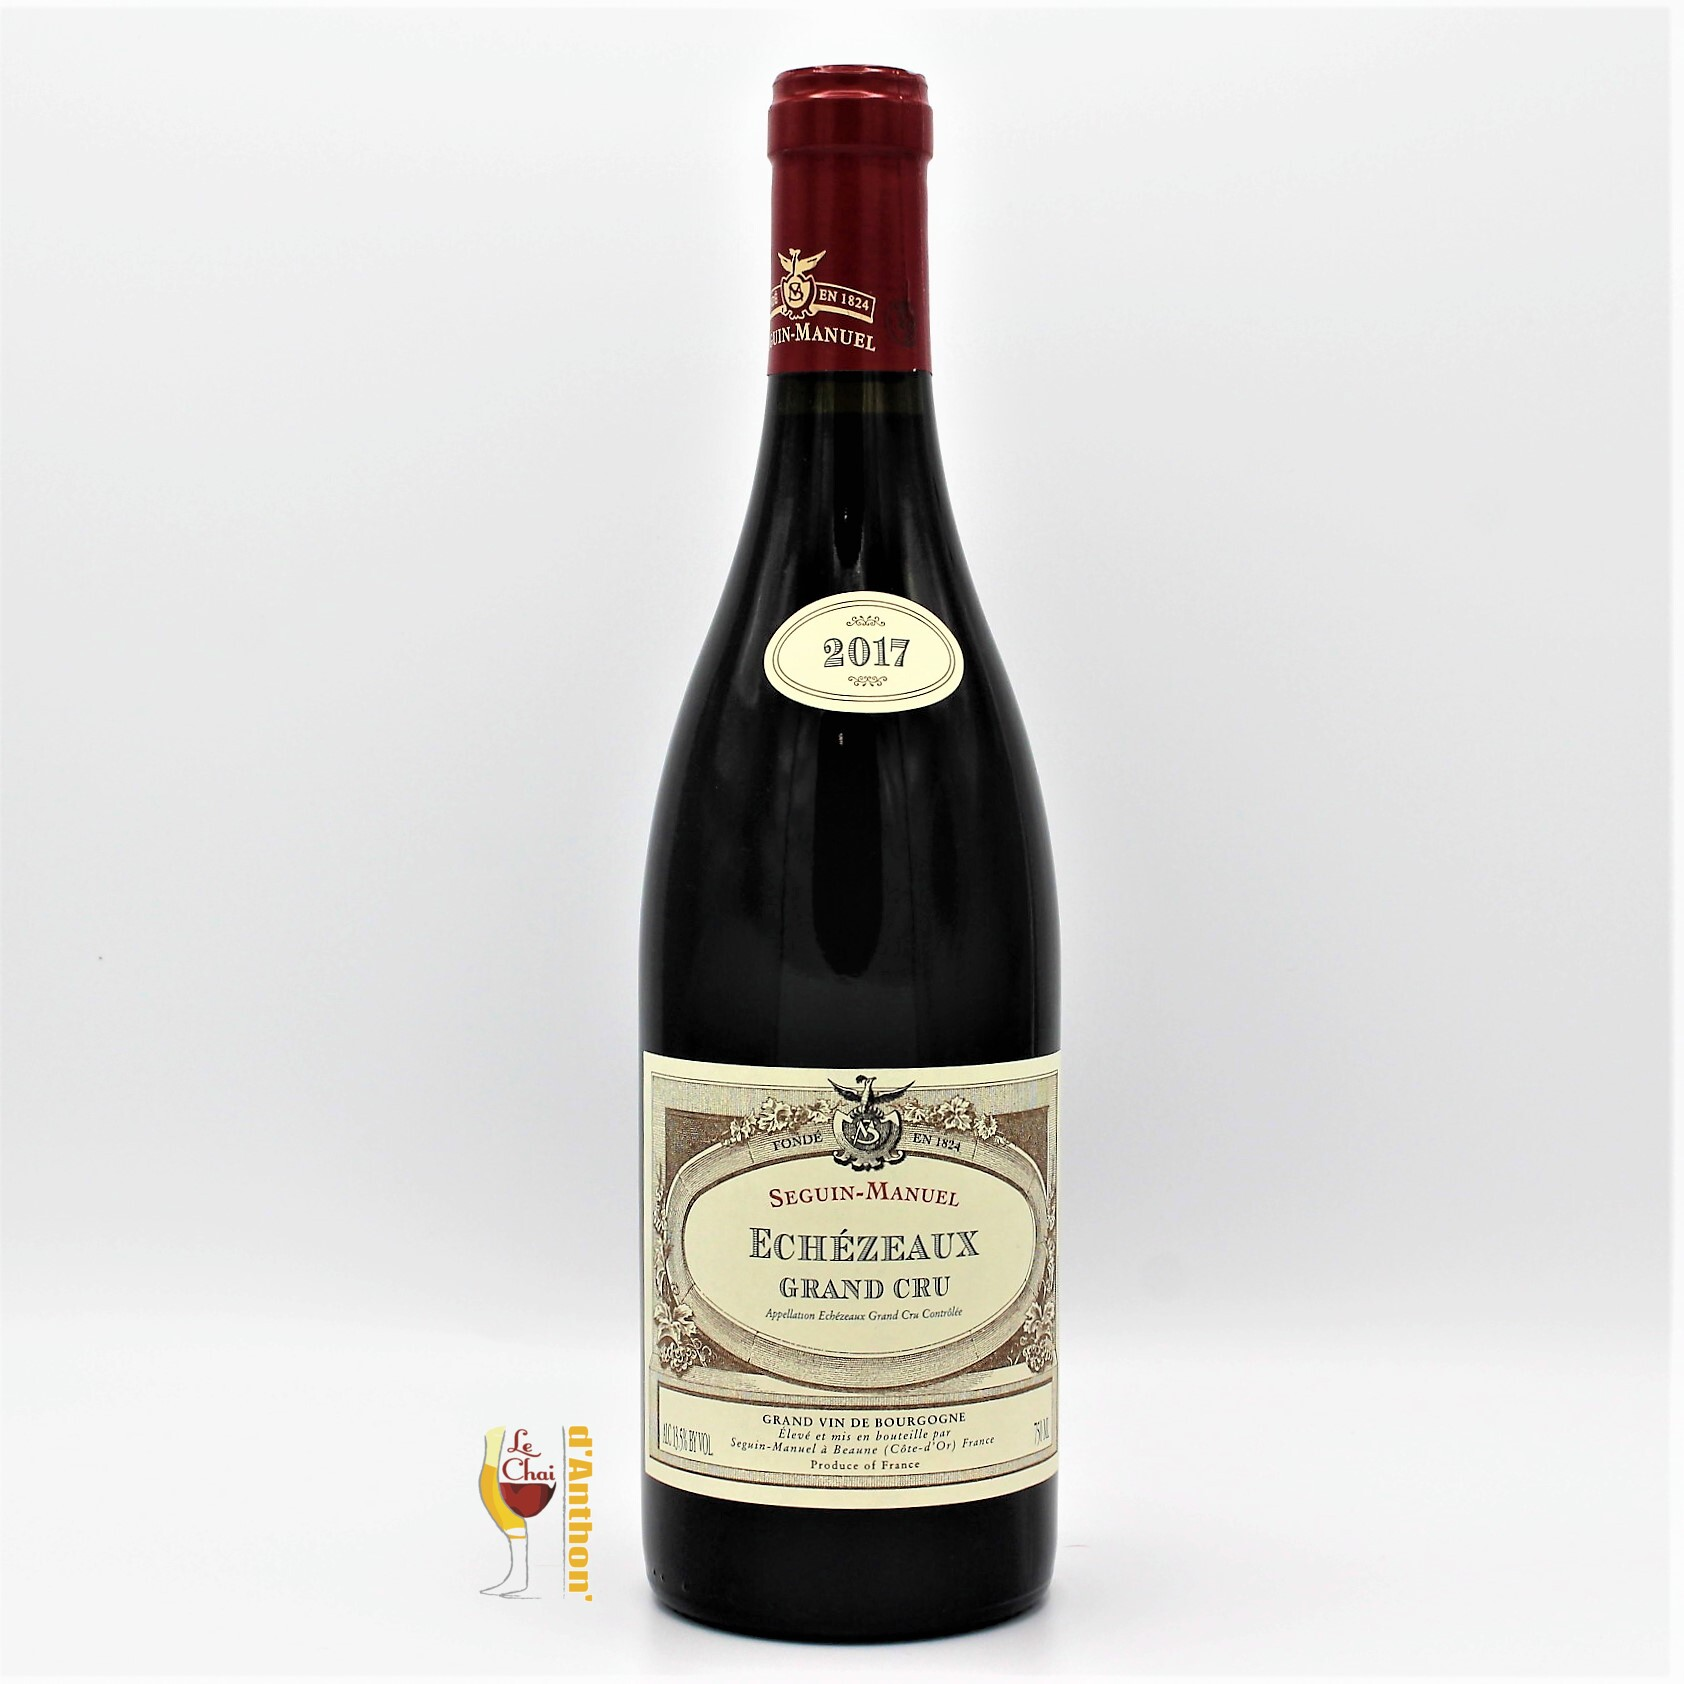 Vin Bouteille Rouge Bourgogne Echezeaux Seguin Manuel 2017 75cl